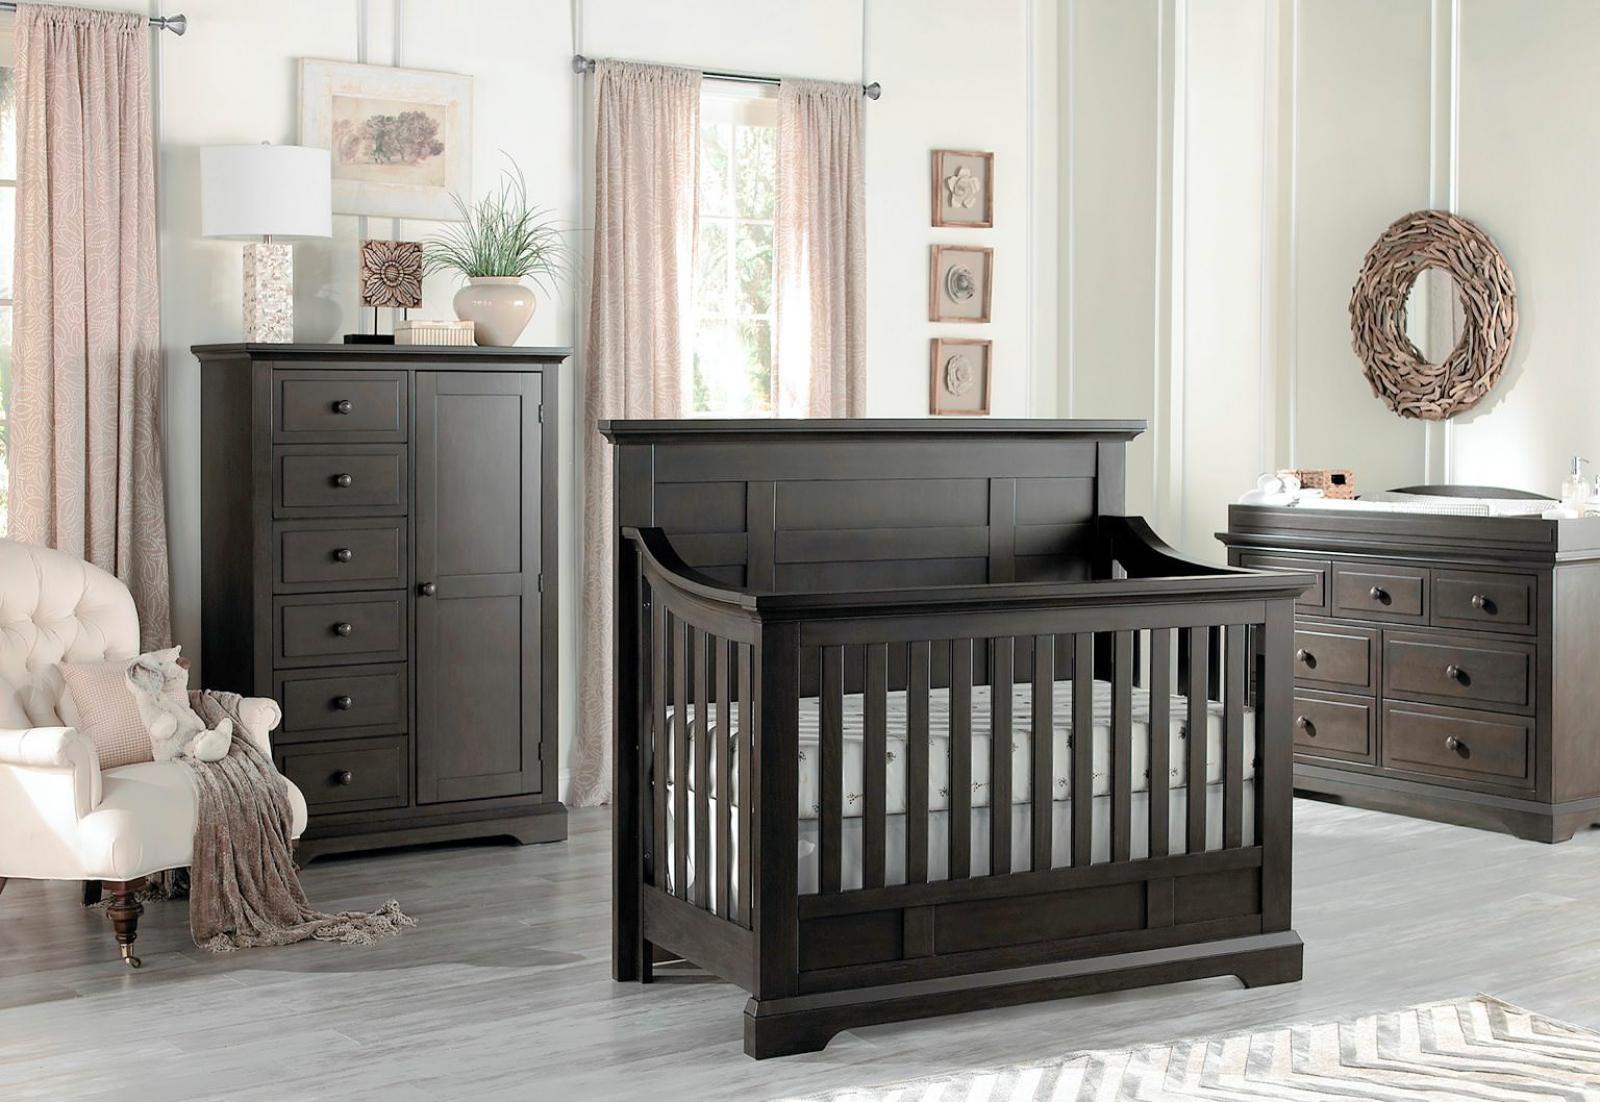 Crib for sale dallas - Dallas Collection Crib